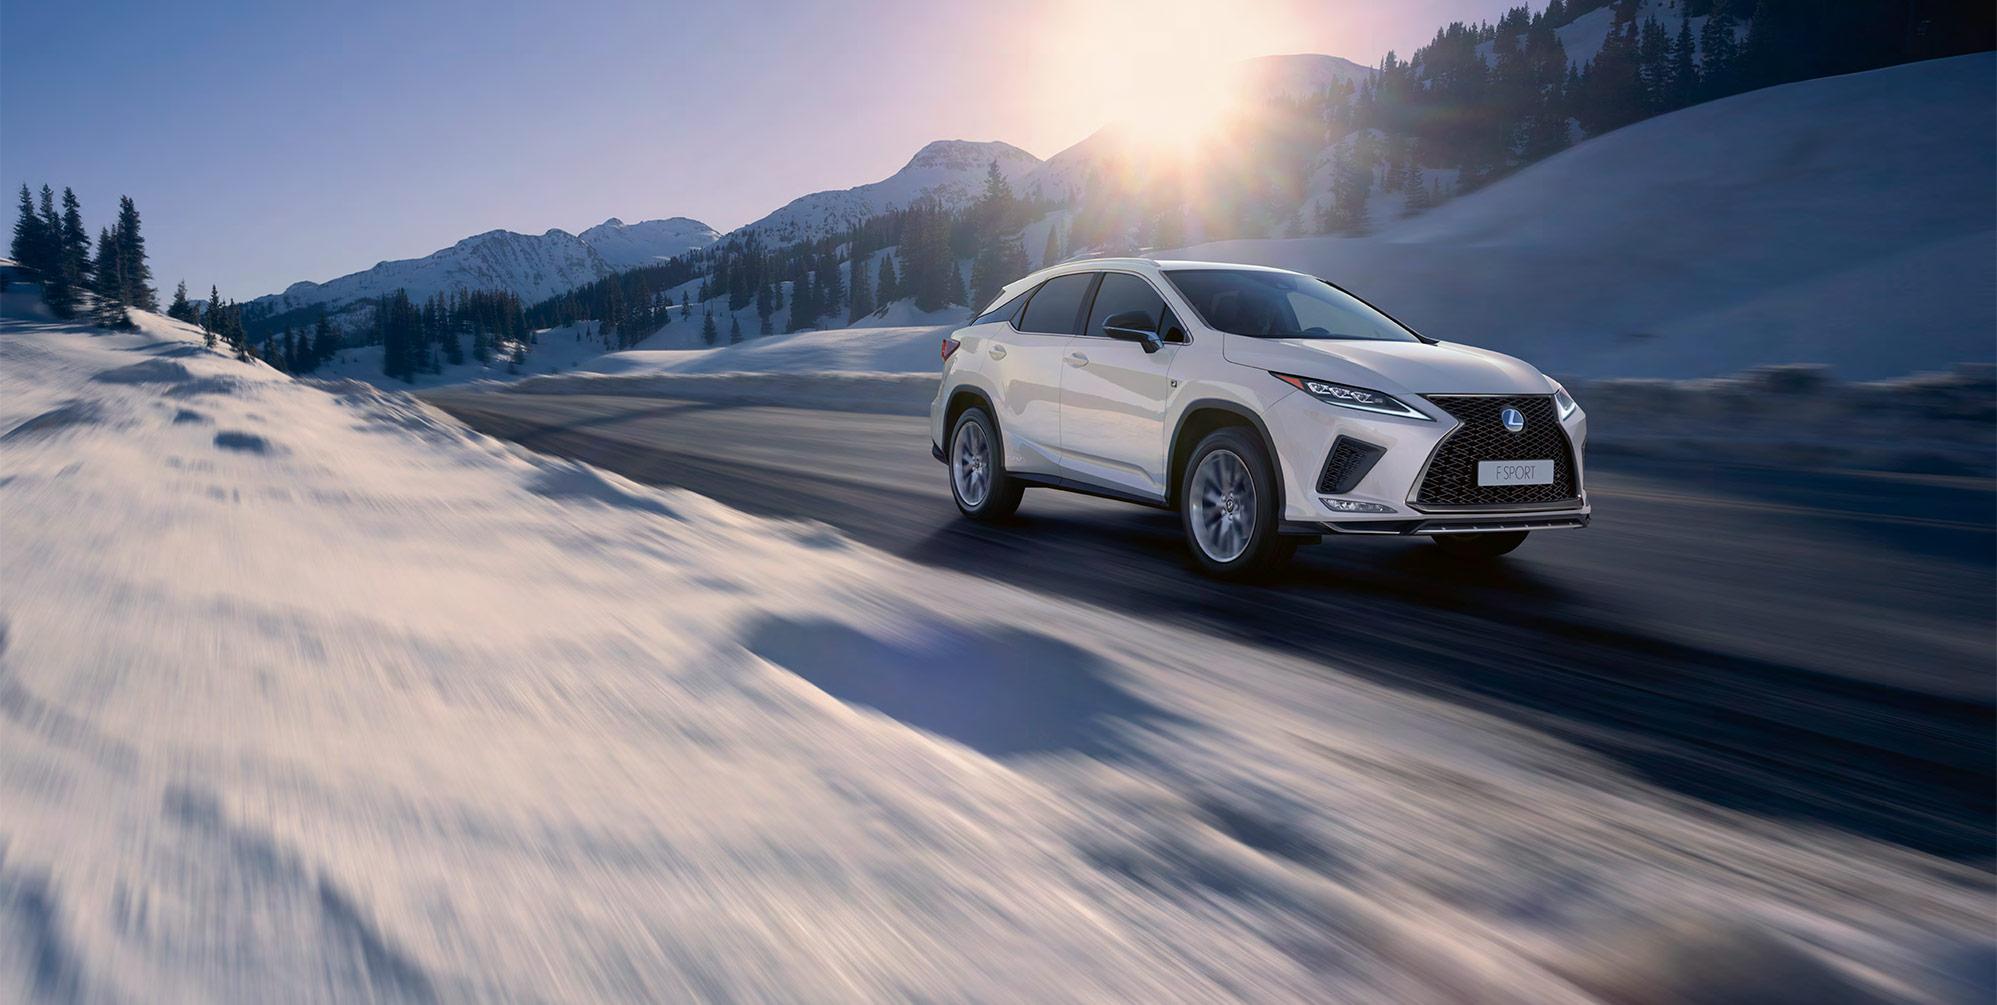 Aracınızı Kışa Hazırlayın Araba Kış Bakımı 1997x1005 02 Image